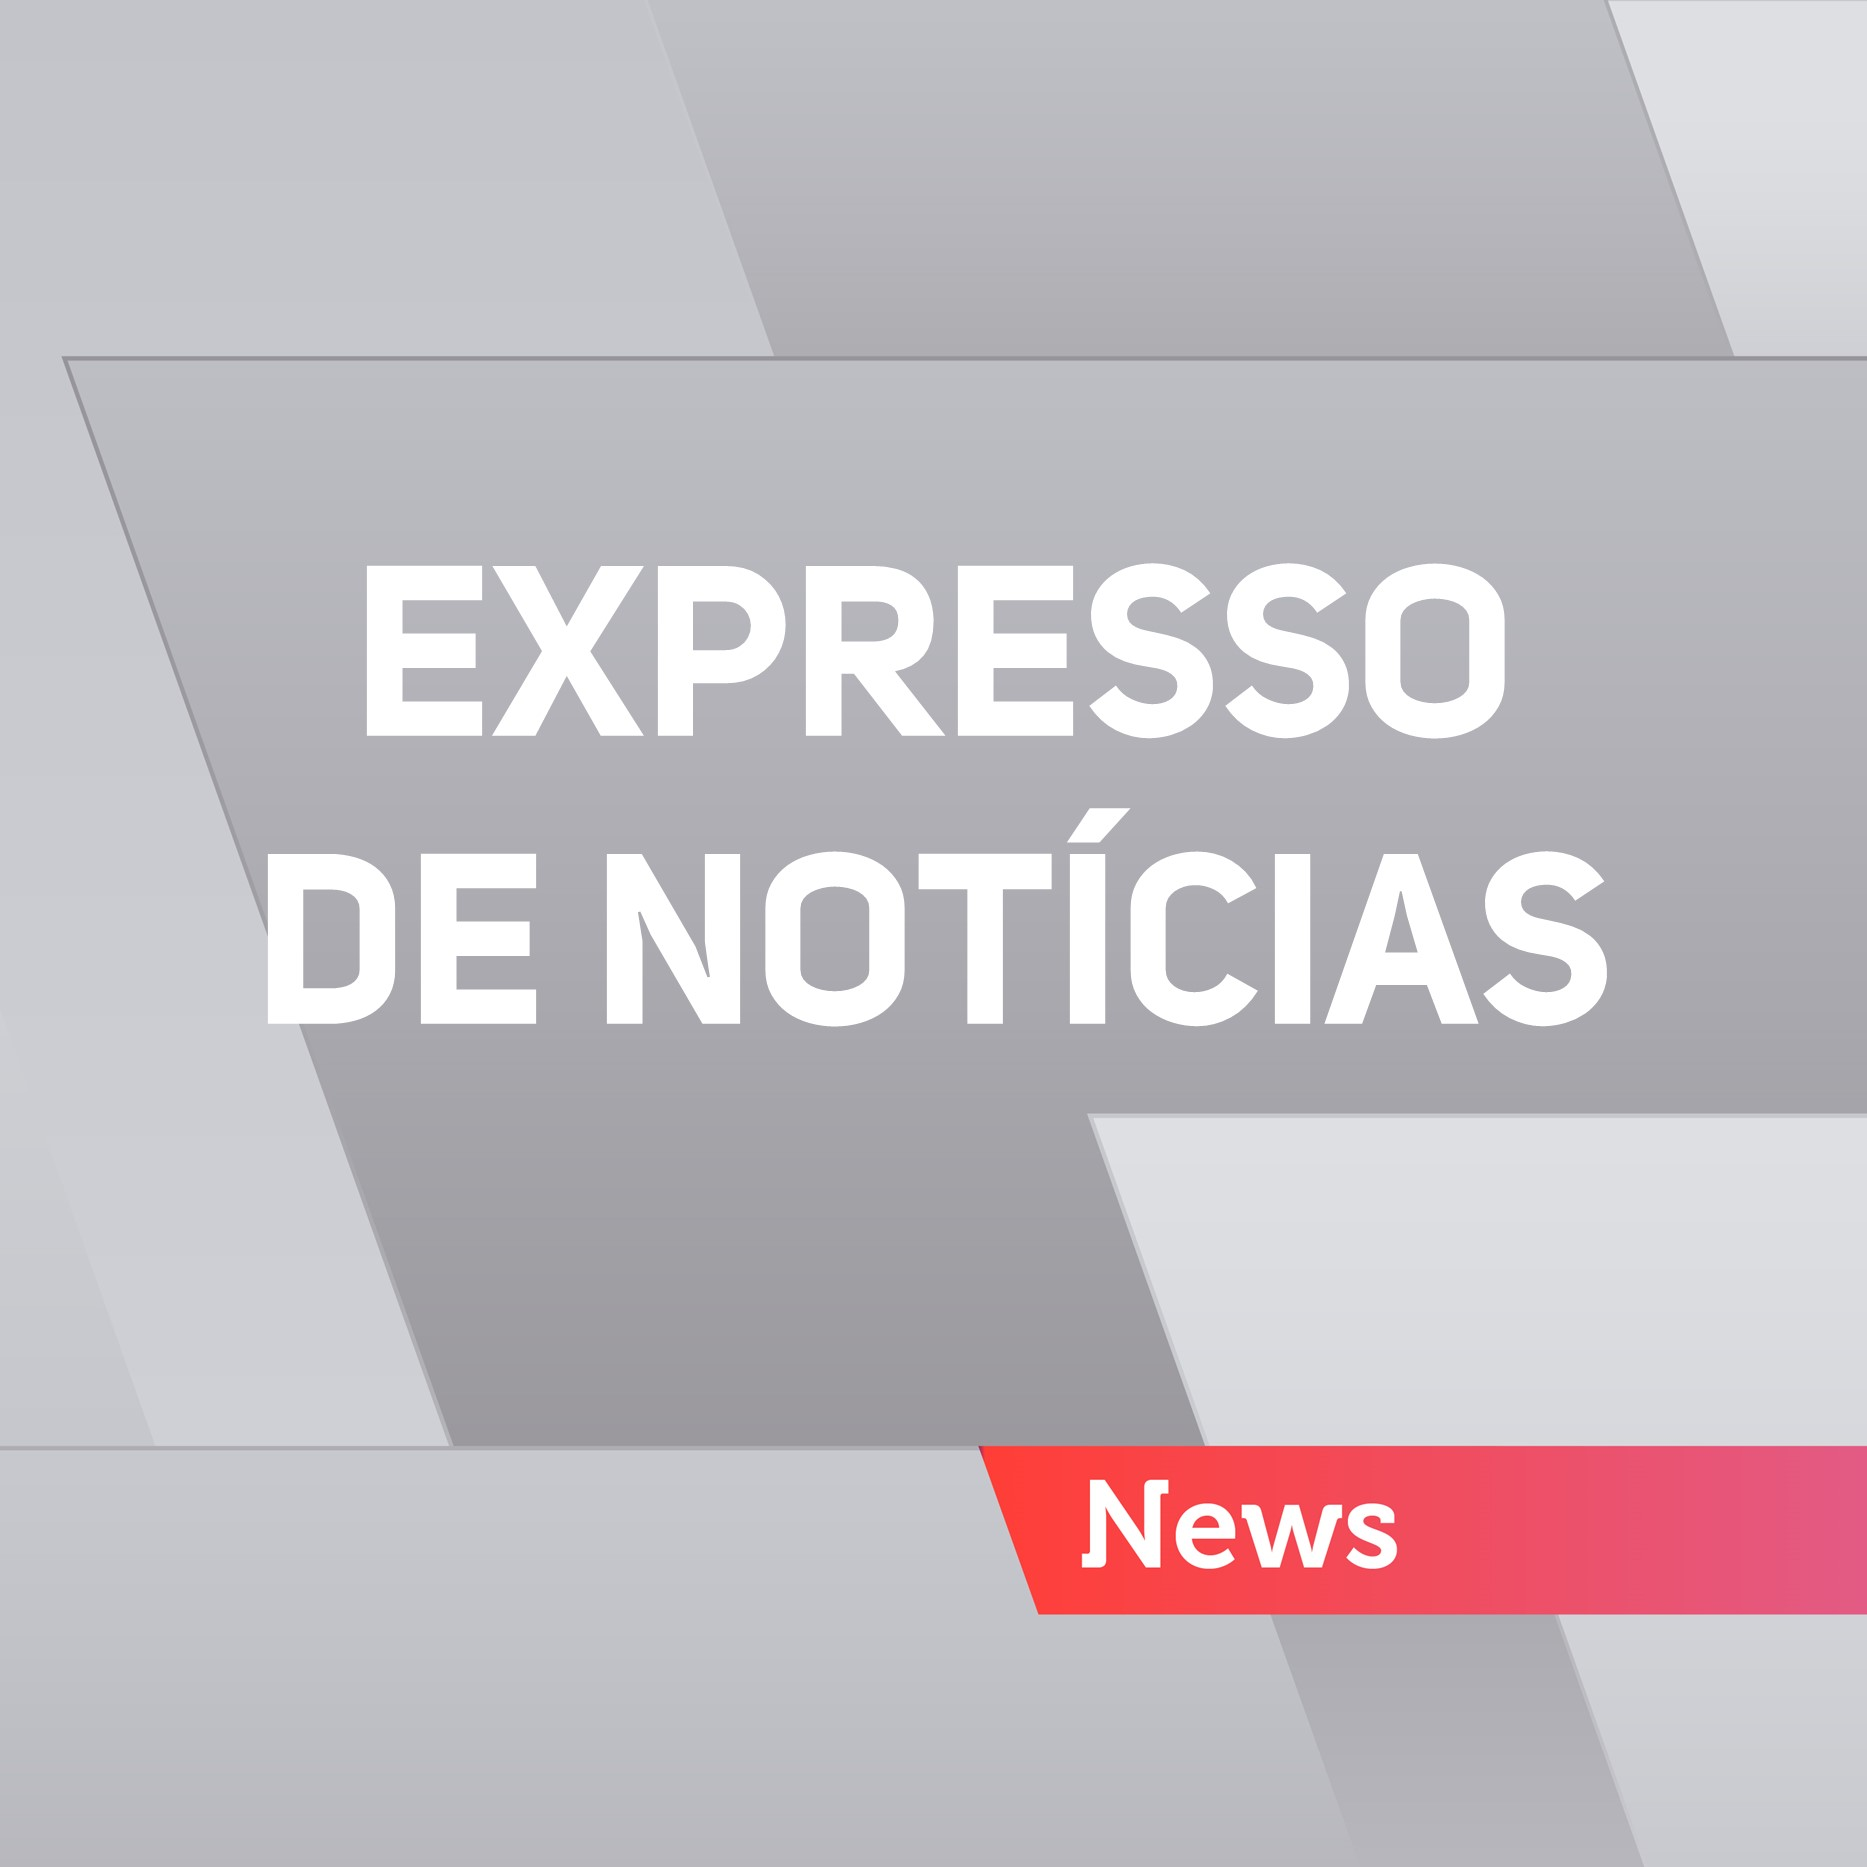 Expresso de Notícias do Gaúcha Hoje – 22/08/2017